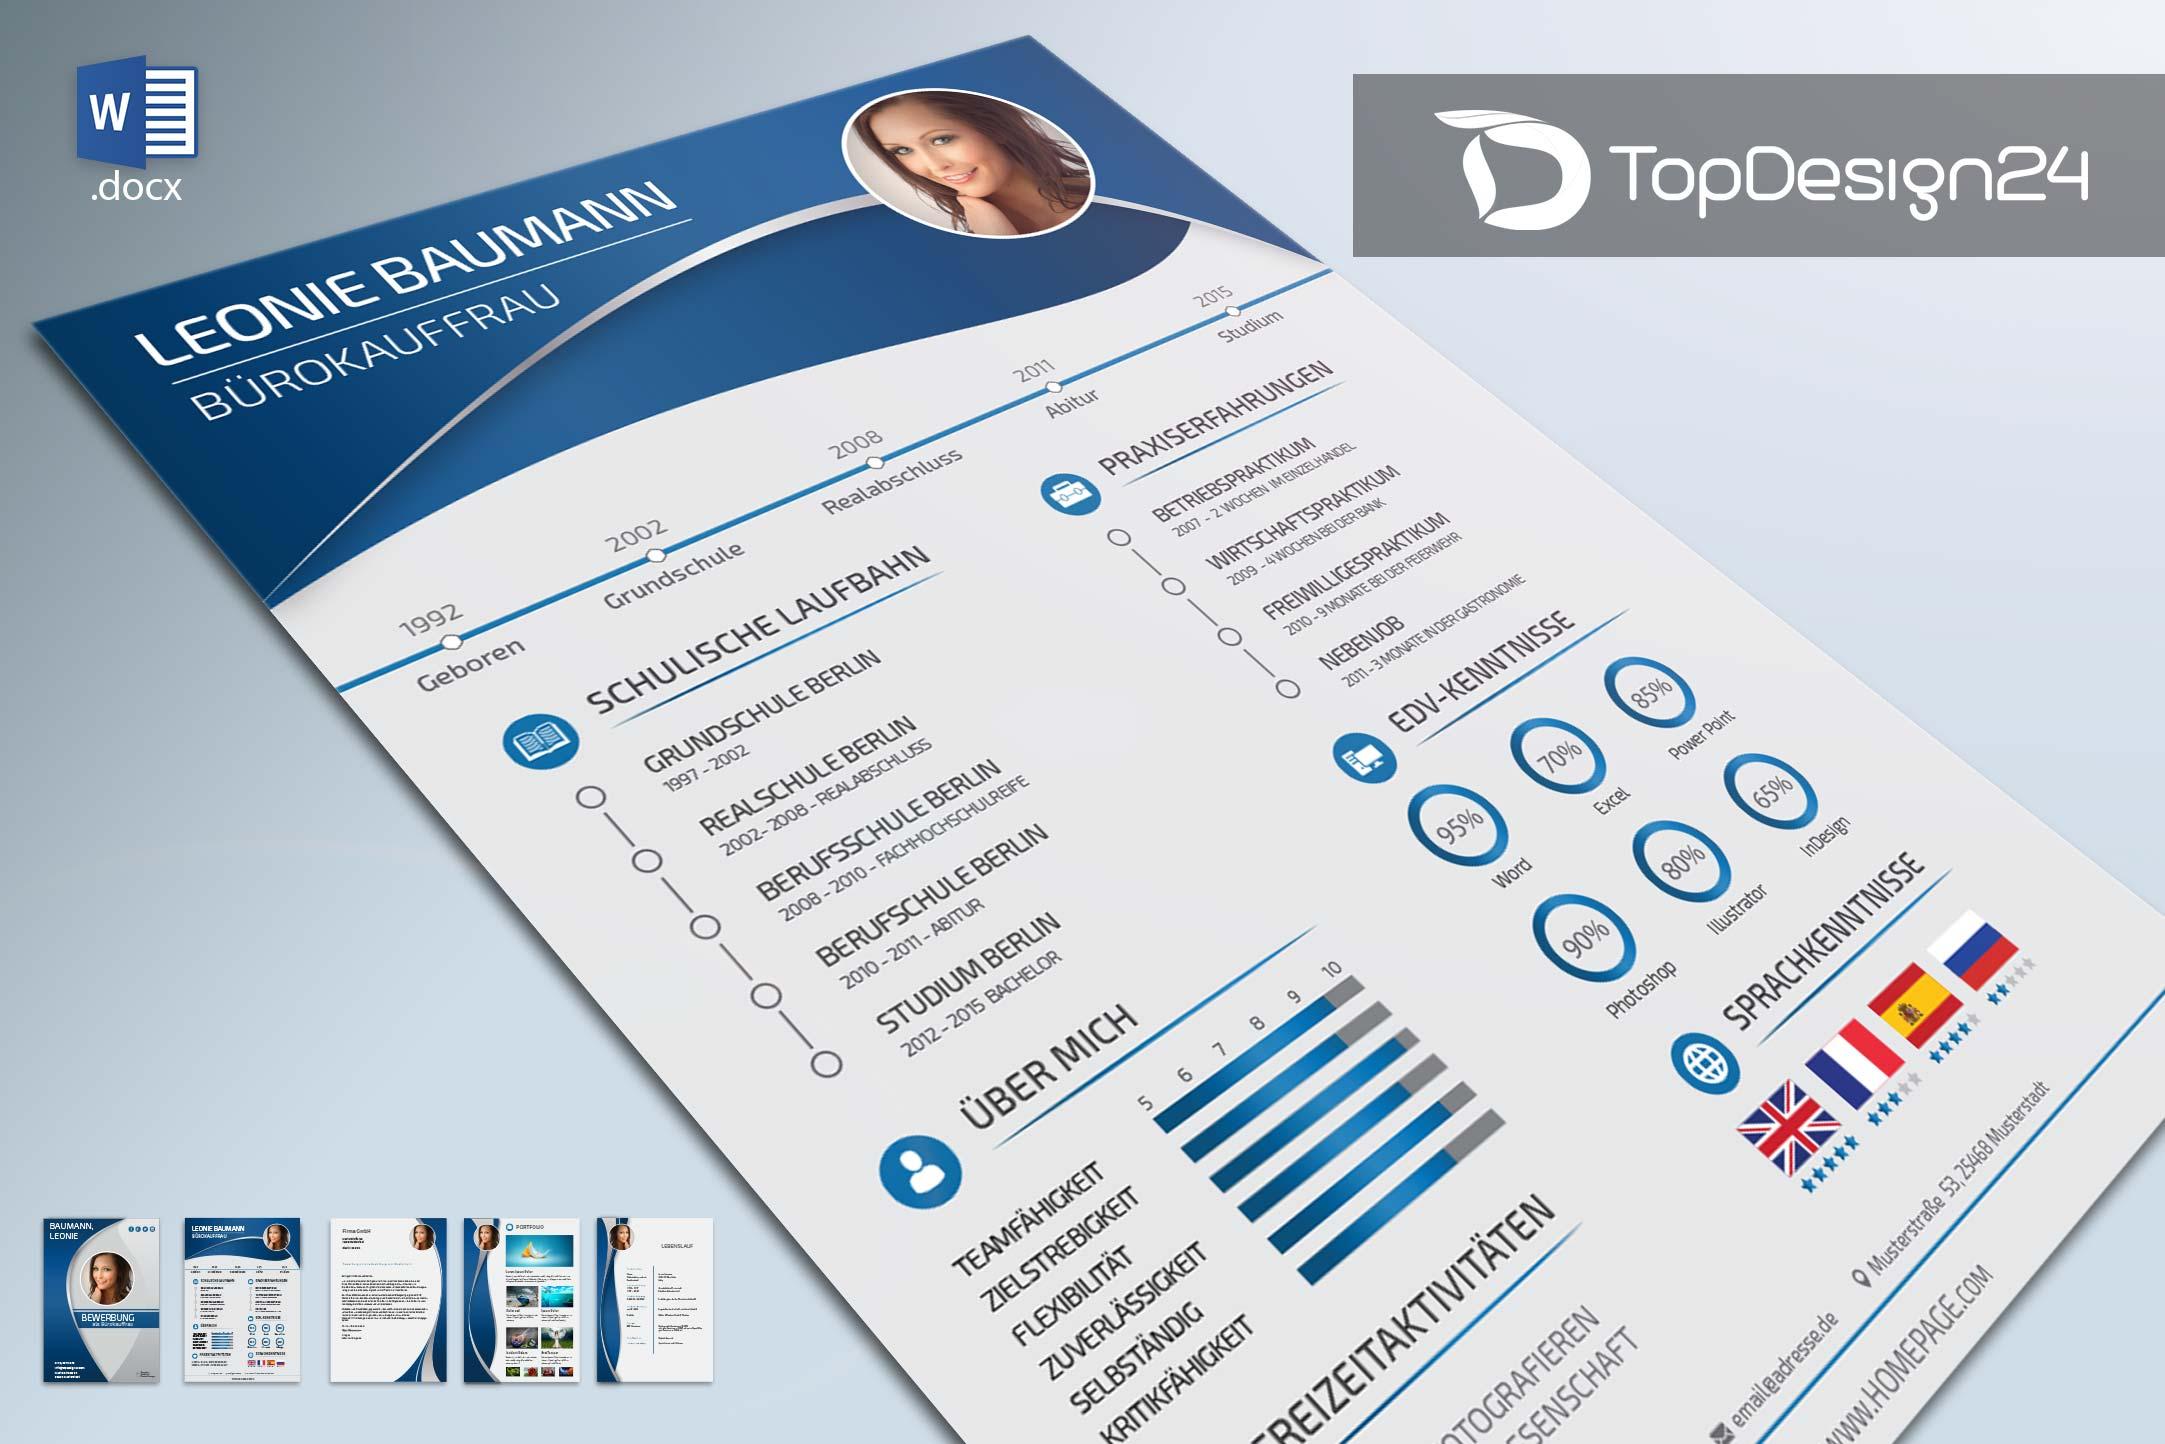 Bewerbung Designvorlagen - TopDesign24 Bewerbungsvorlagen